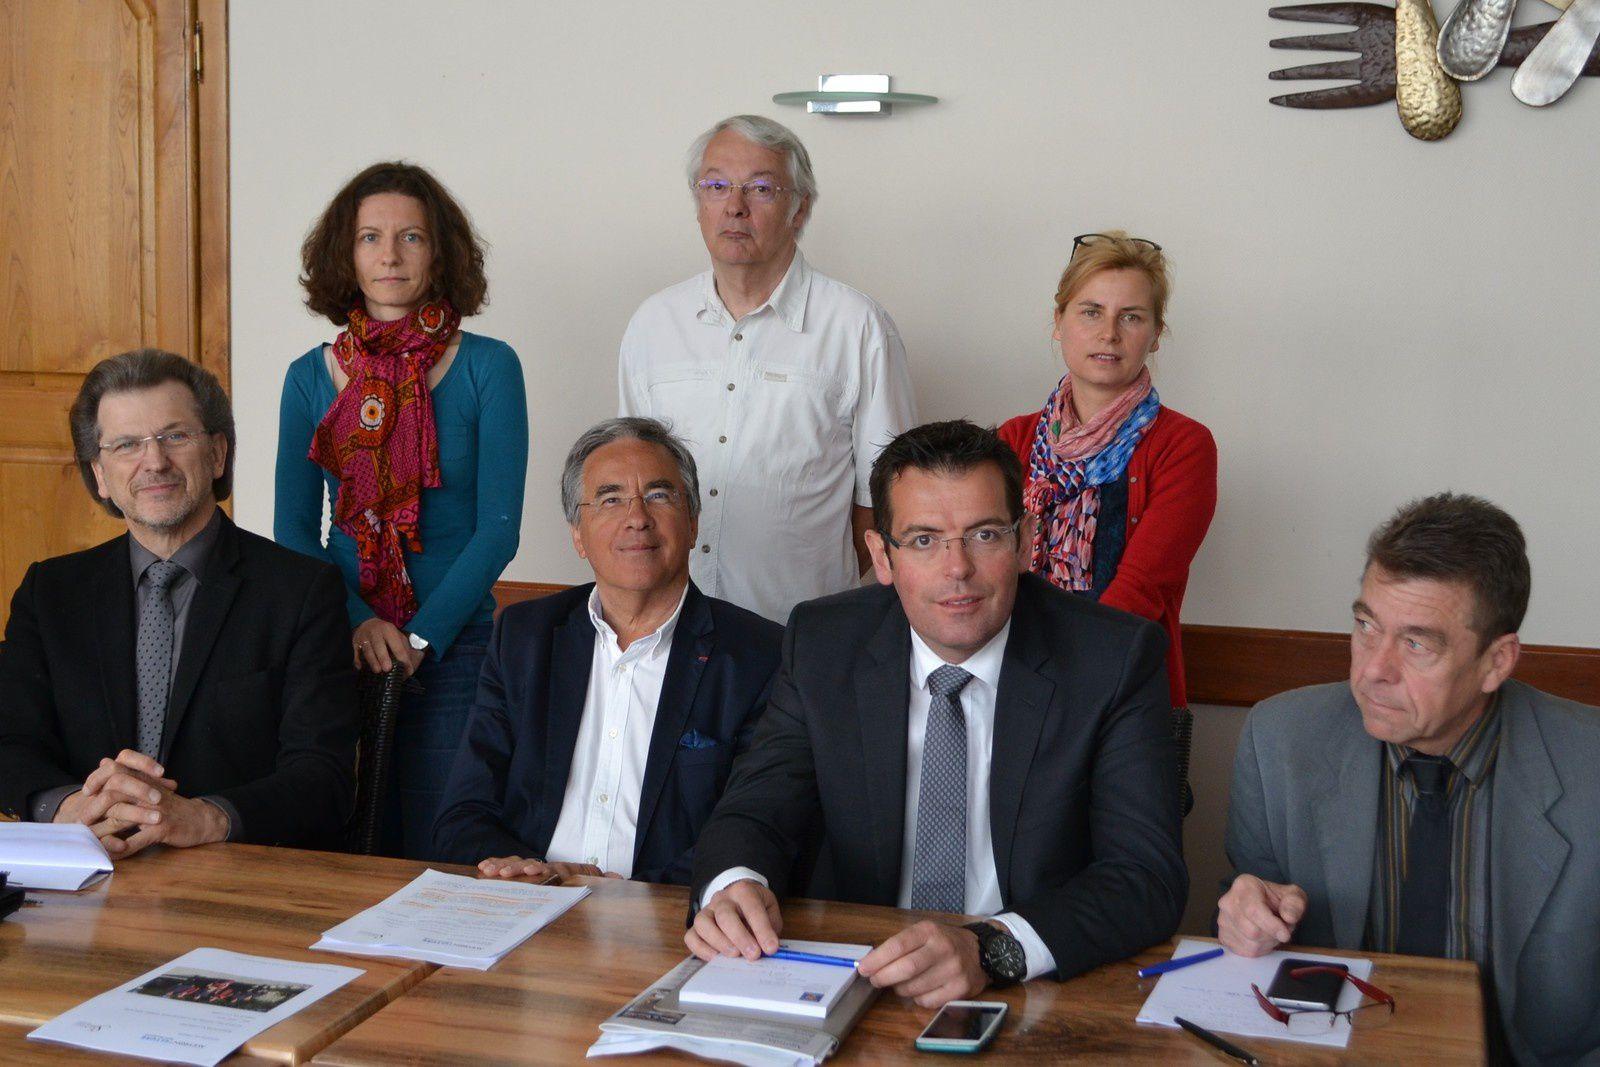 Michel Wolkowilsky, Jean-François Galliard, Sébastien David et Christophe Laborie, lors de la conférence de presse.